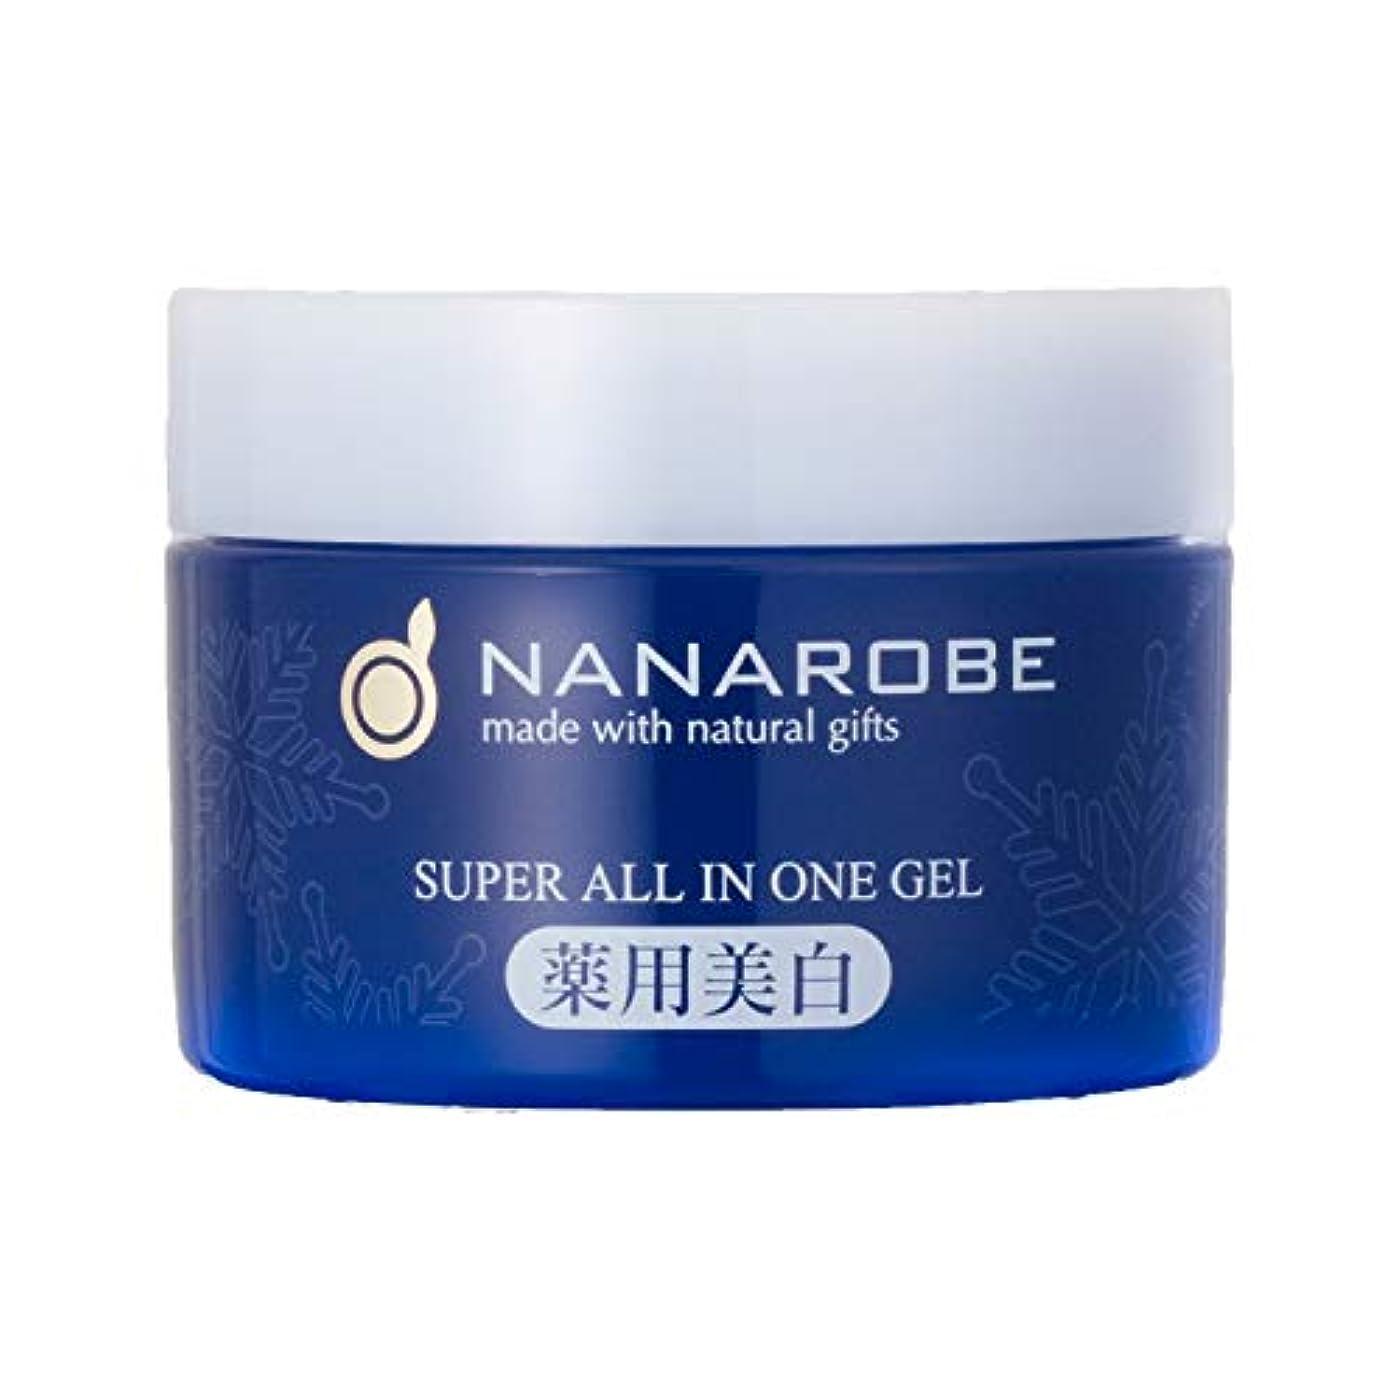 さまよう滑り台トランクナナローブ (Nanarobe) オールインワン ジェル 美白 ケア 化粧品 ジャータイプ 60g 医薬部外品